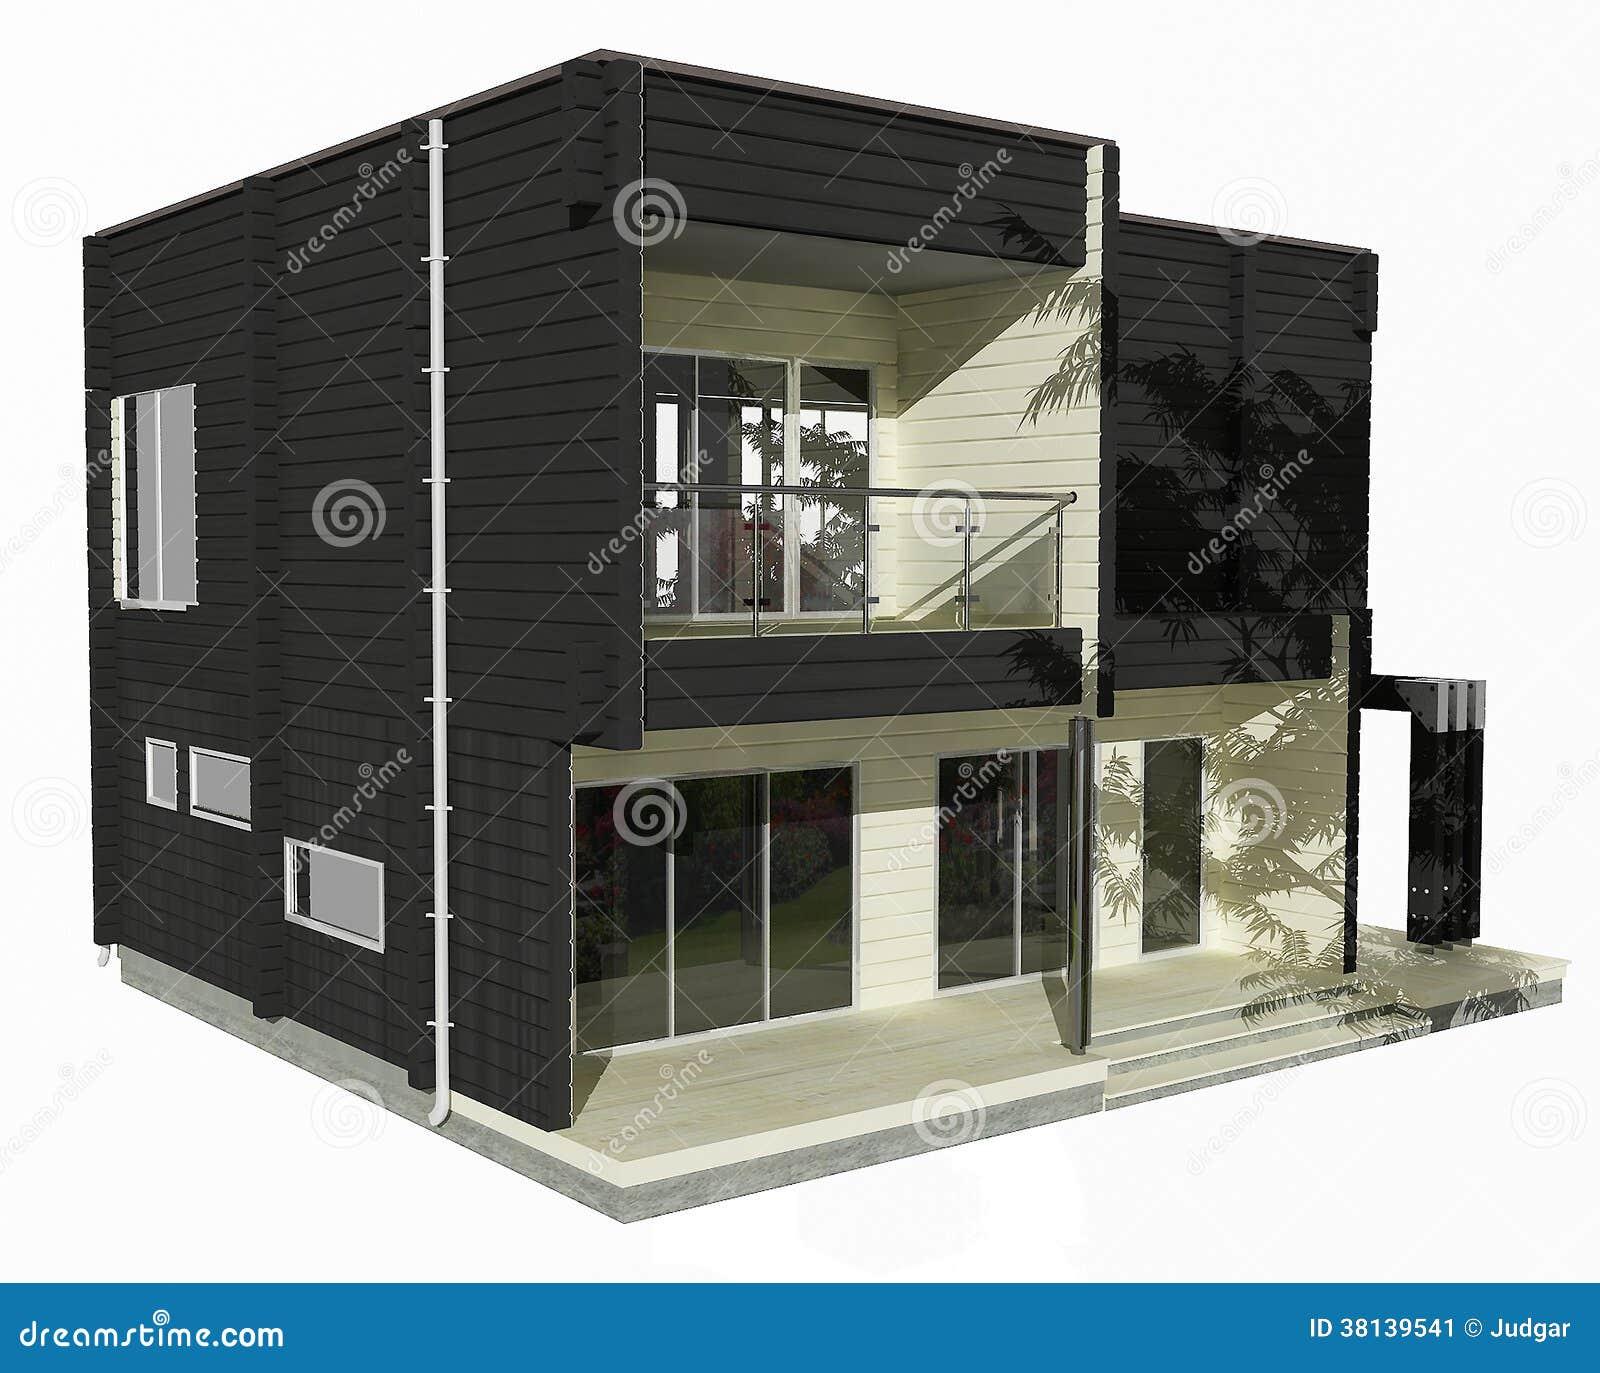 Modelo 3d Da Casa De Madeira Preto E Branco Em Um Fundo